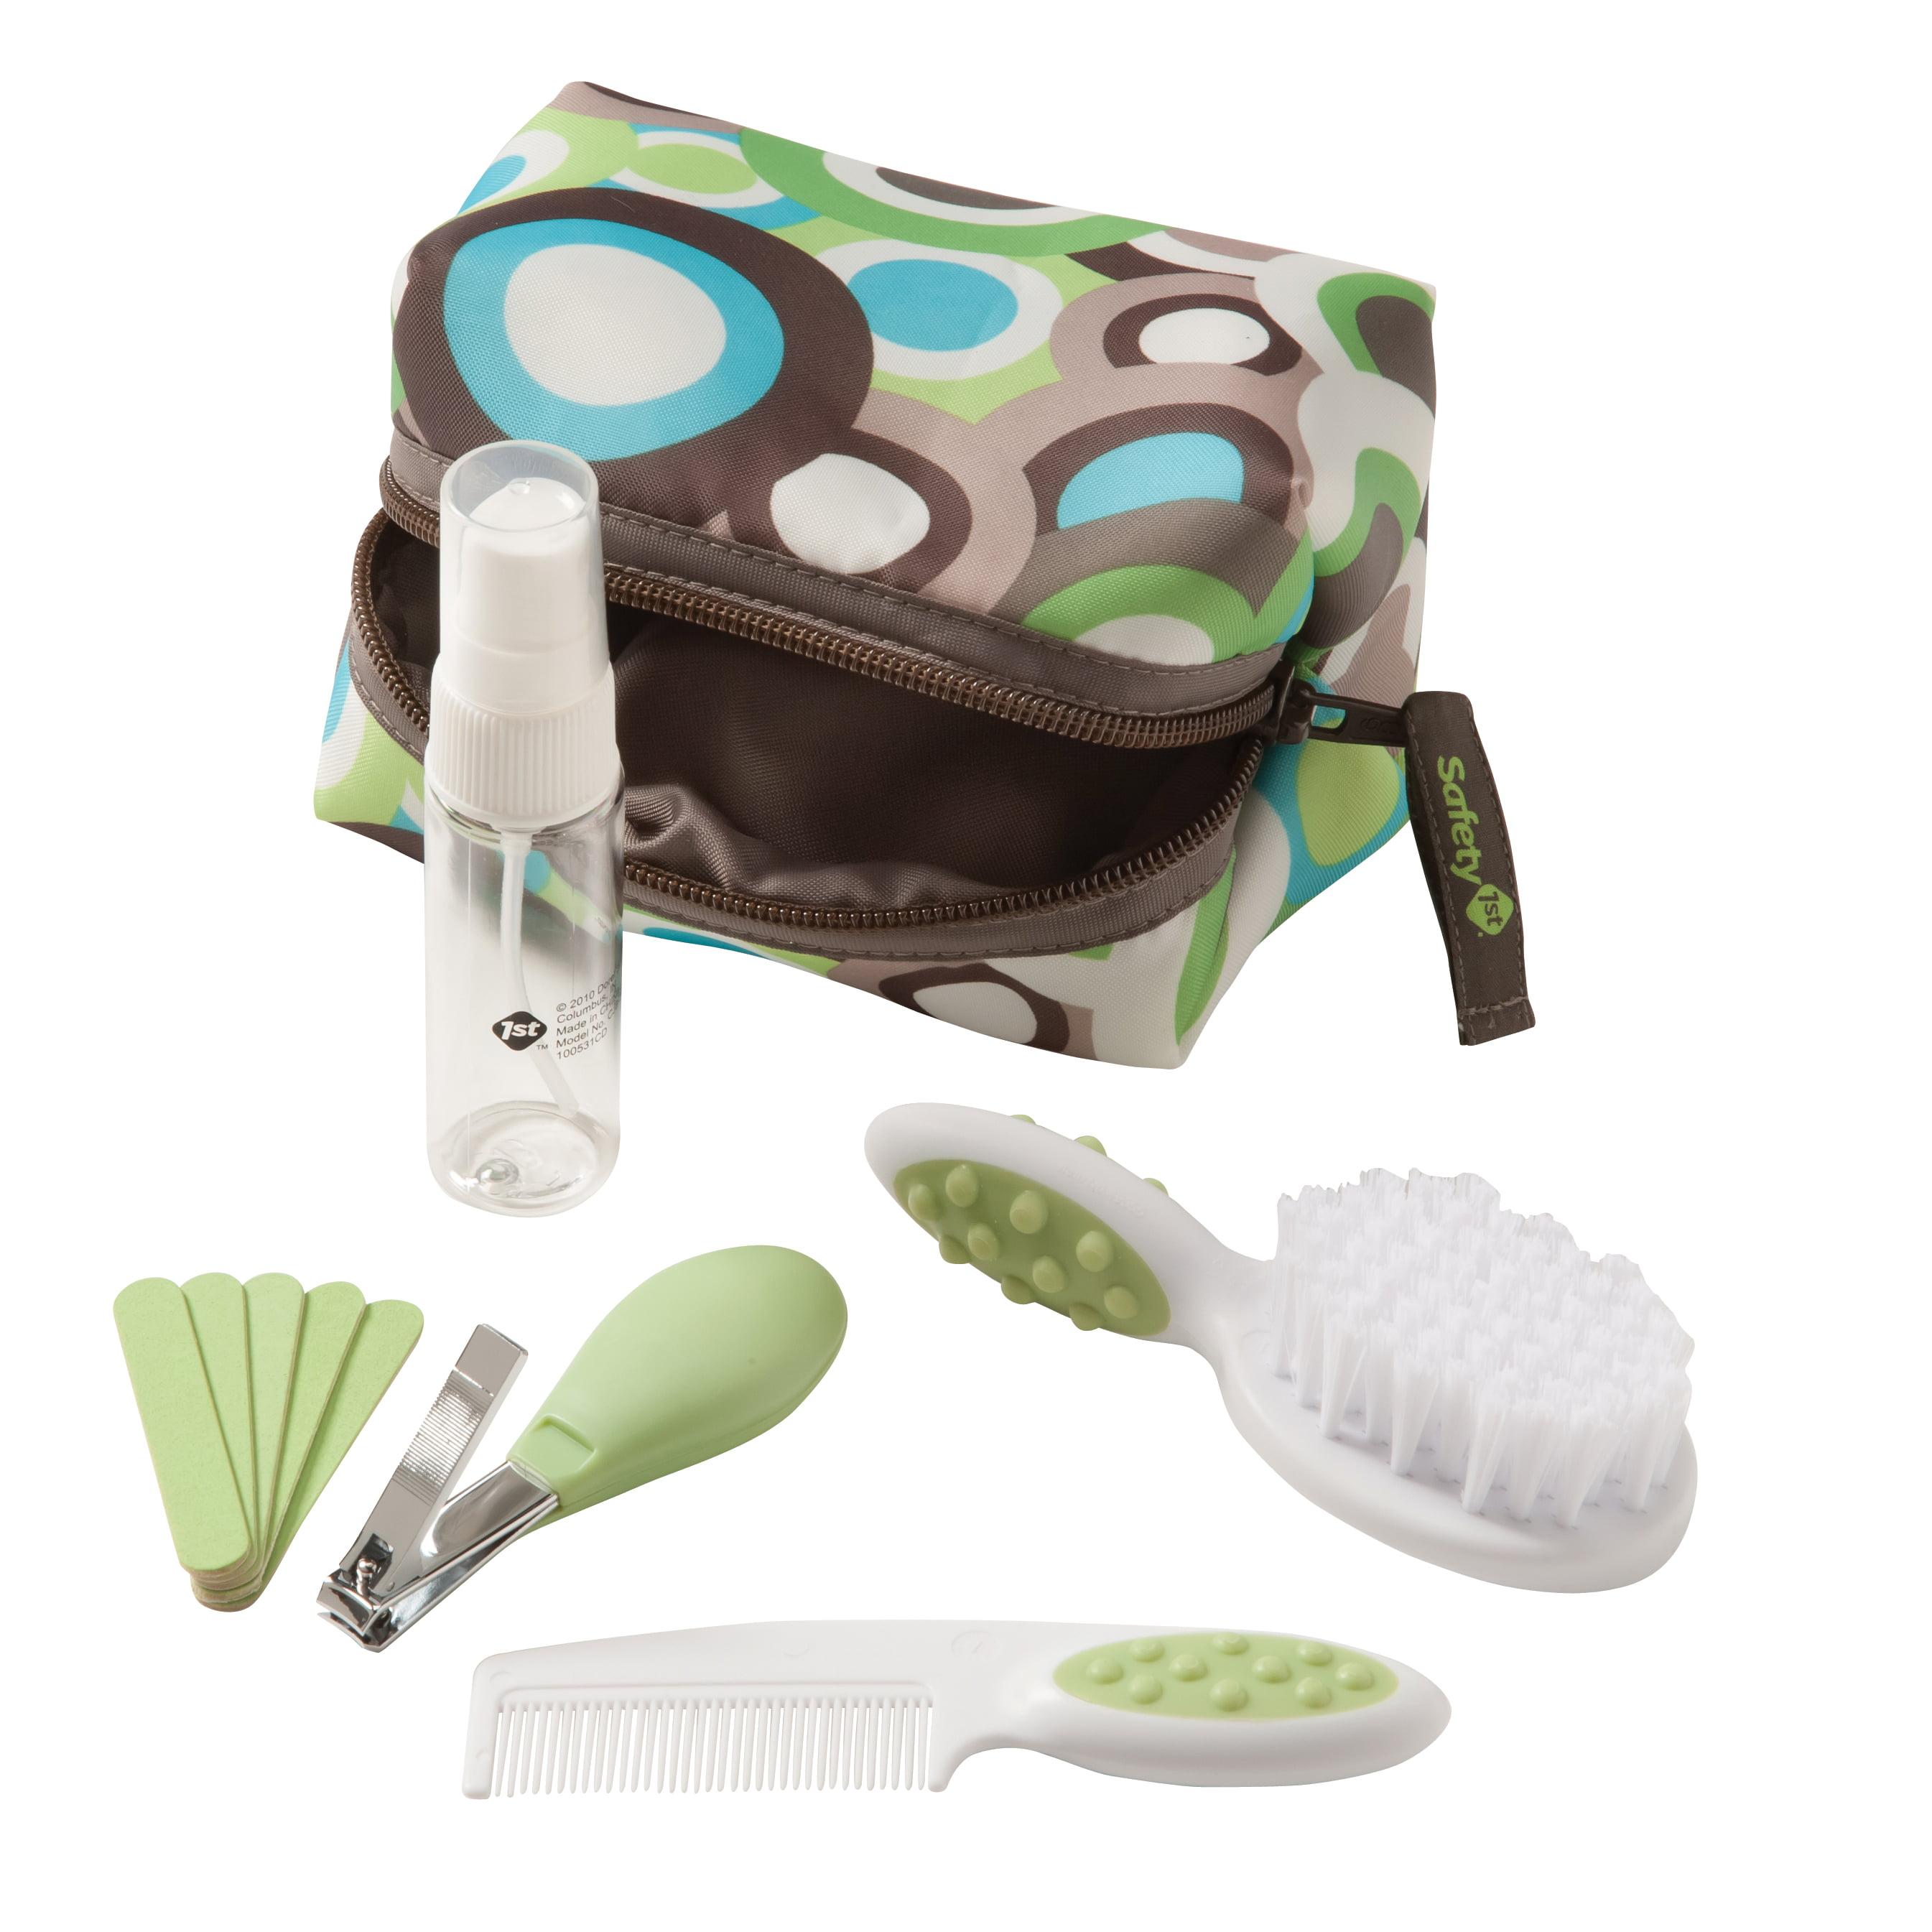 Safety 1������� 1����� Grooming Kit, Dupont Circle